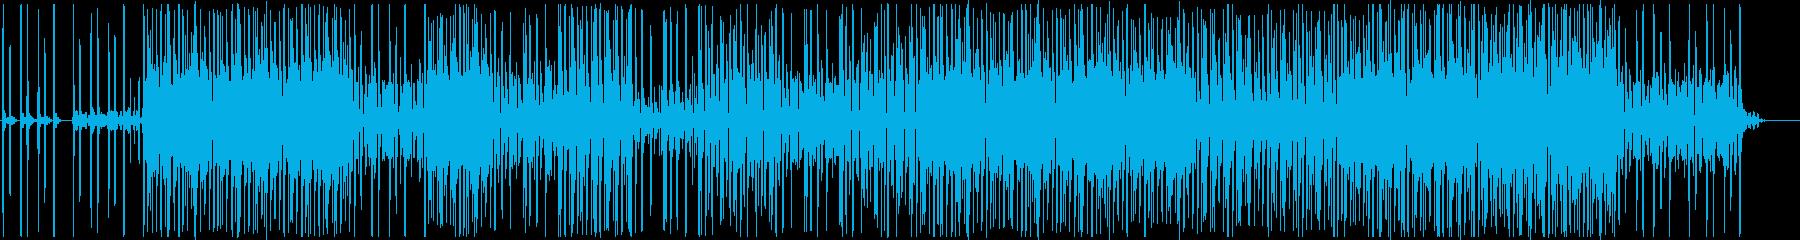 透明感とキュート-ポップエレクトロの再生済みの波形